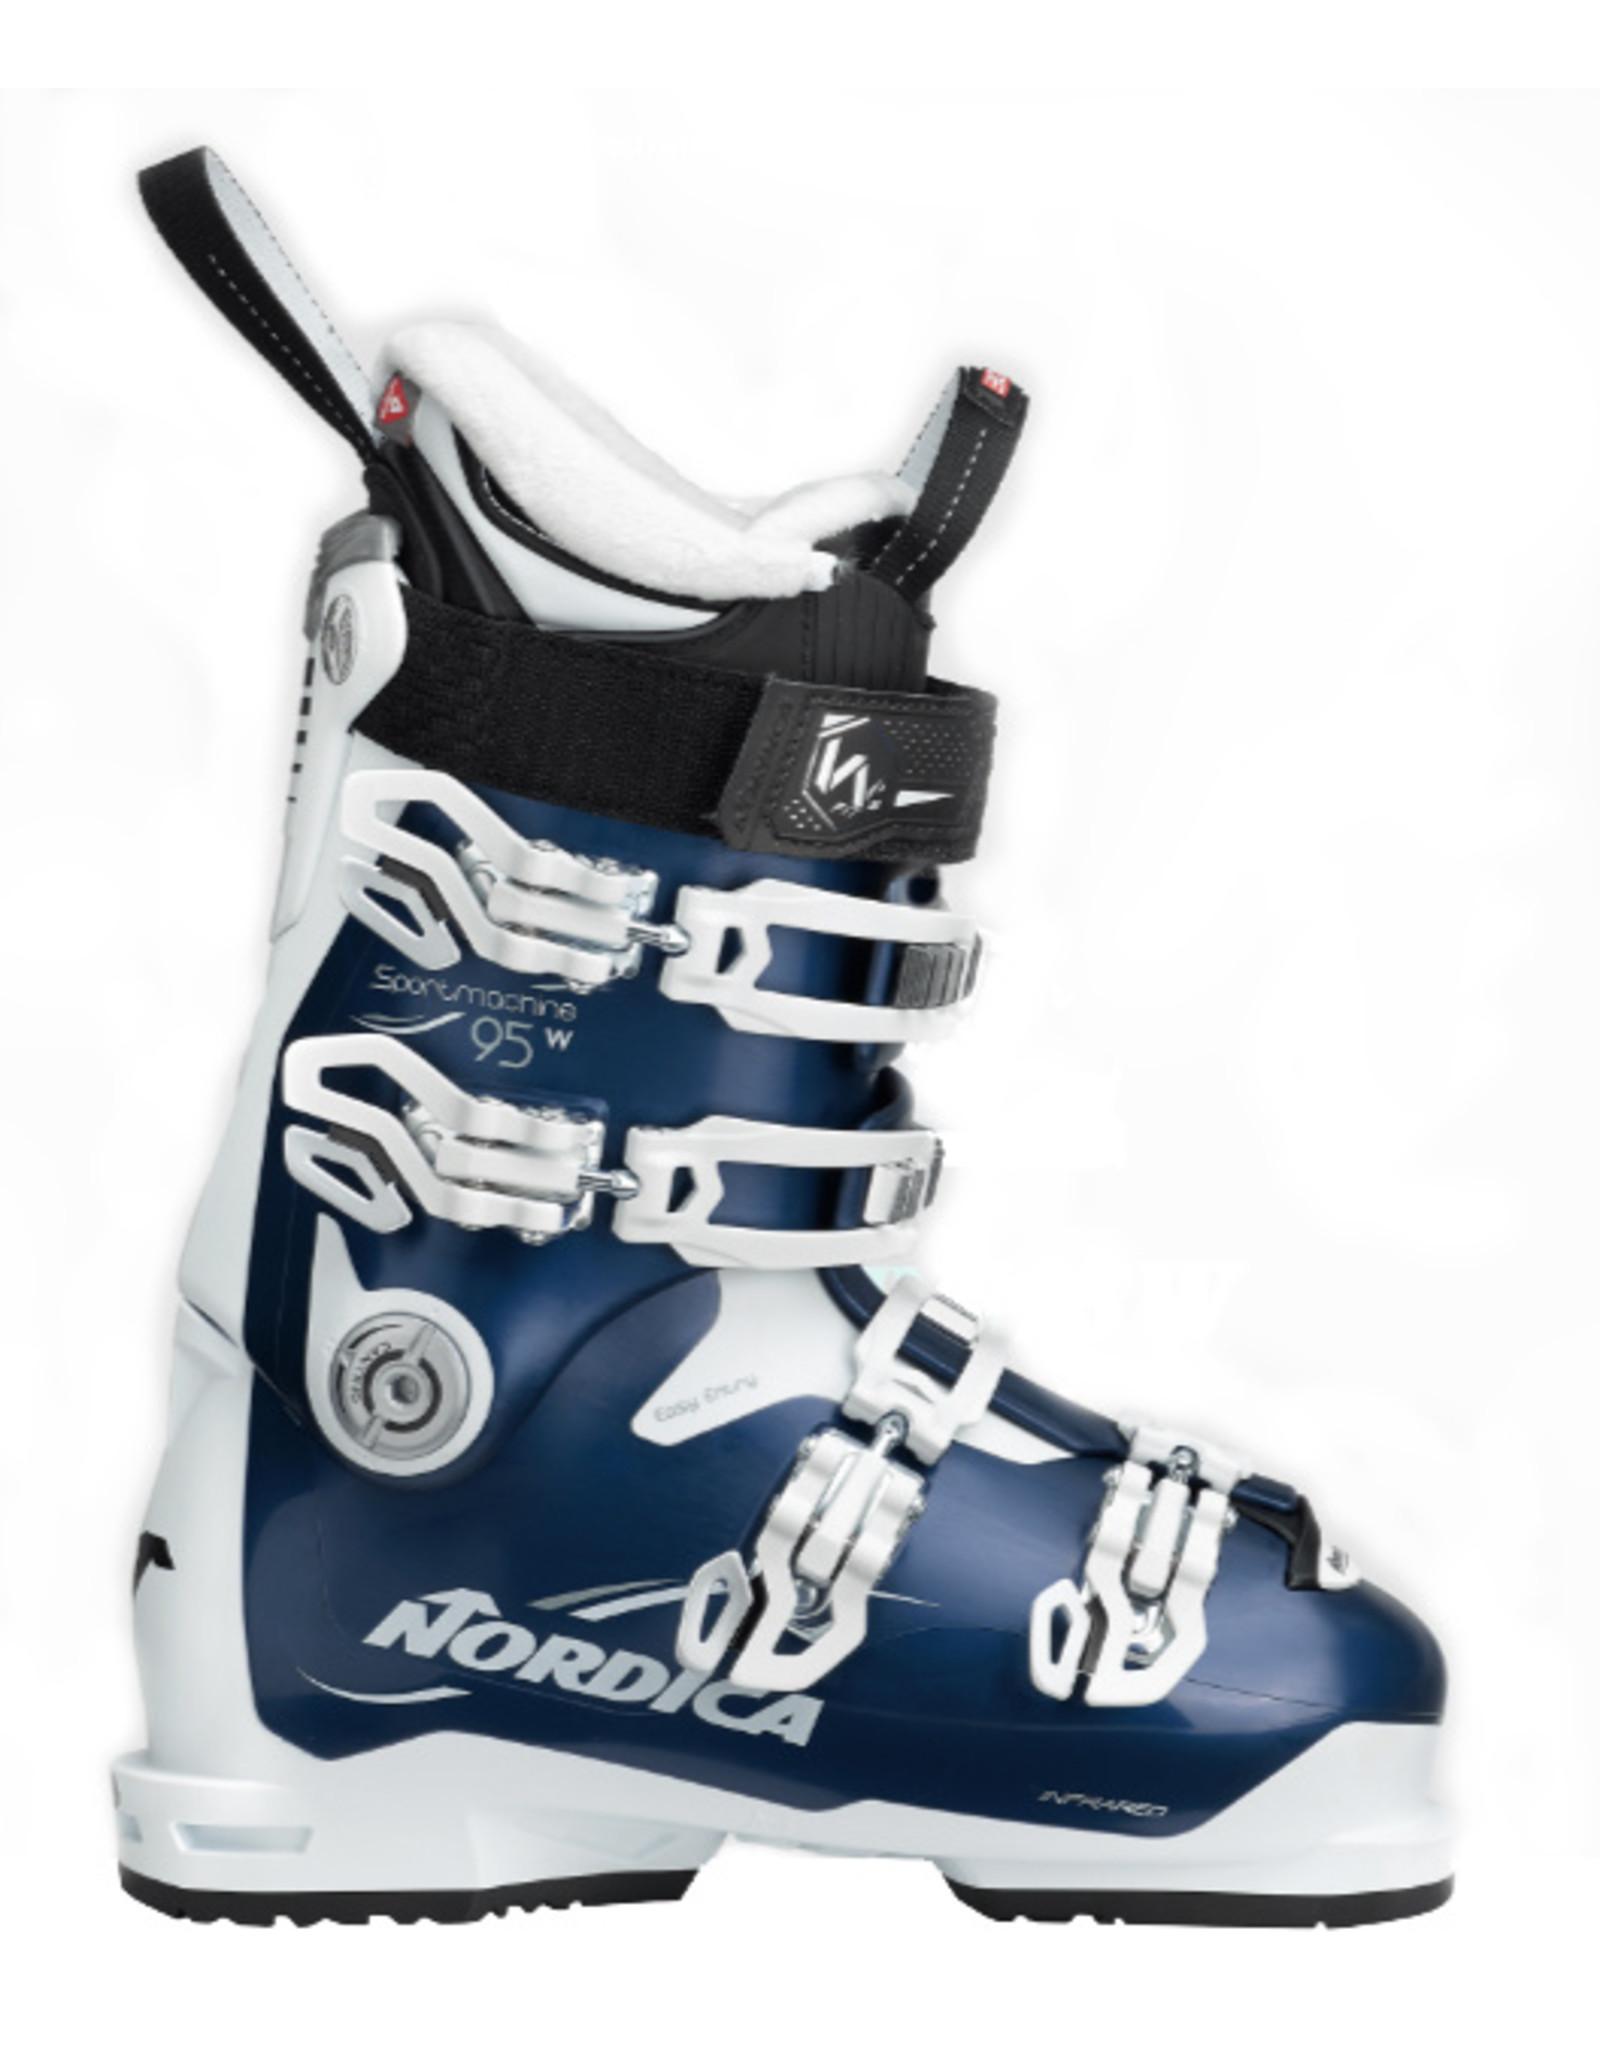 Nordica Sportmachine 95 W Blue/Wht/Blk 20